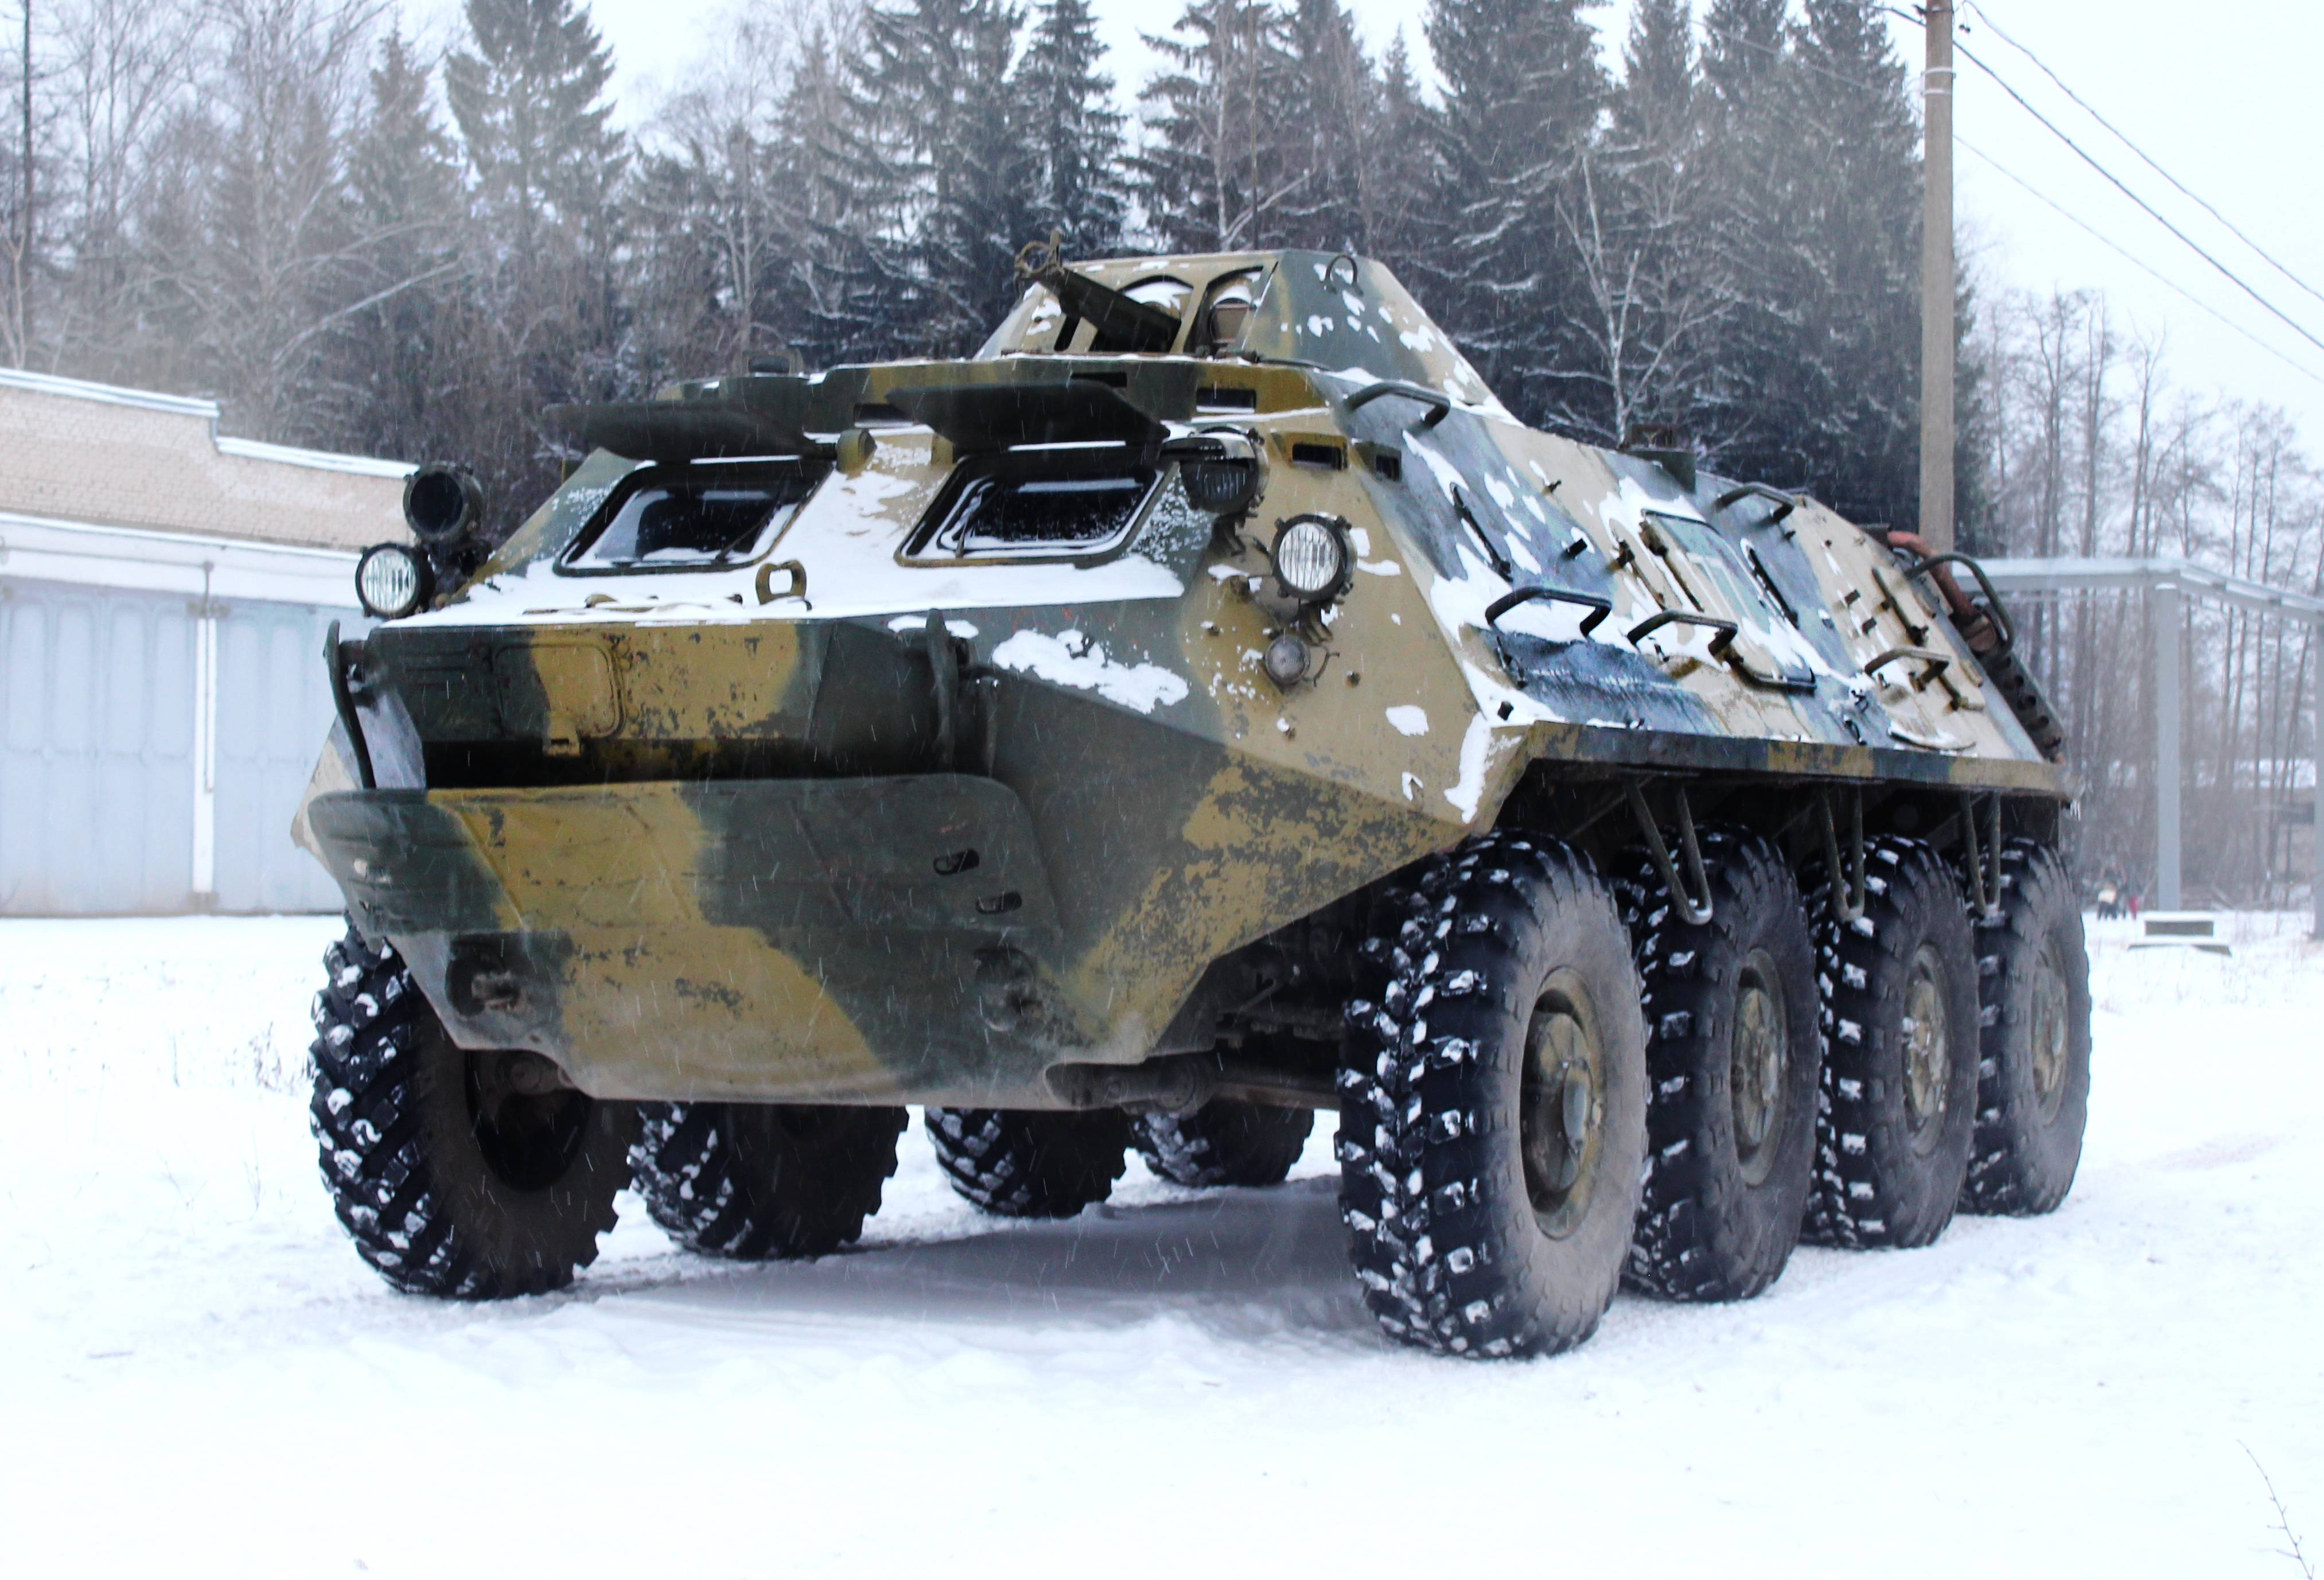 Заезды на бронетранспортере БТР-60 и боевой машине десанта БМД-1                                                                           и стрельба из Автомата Калашникова АК-74